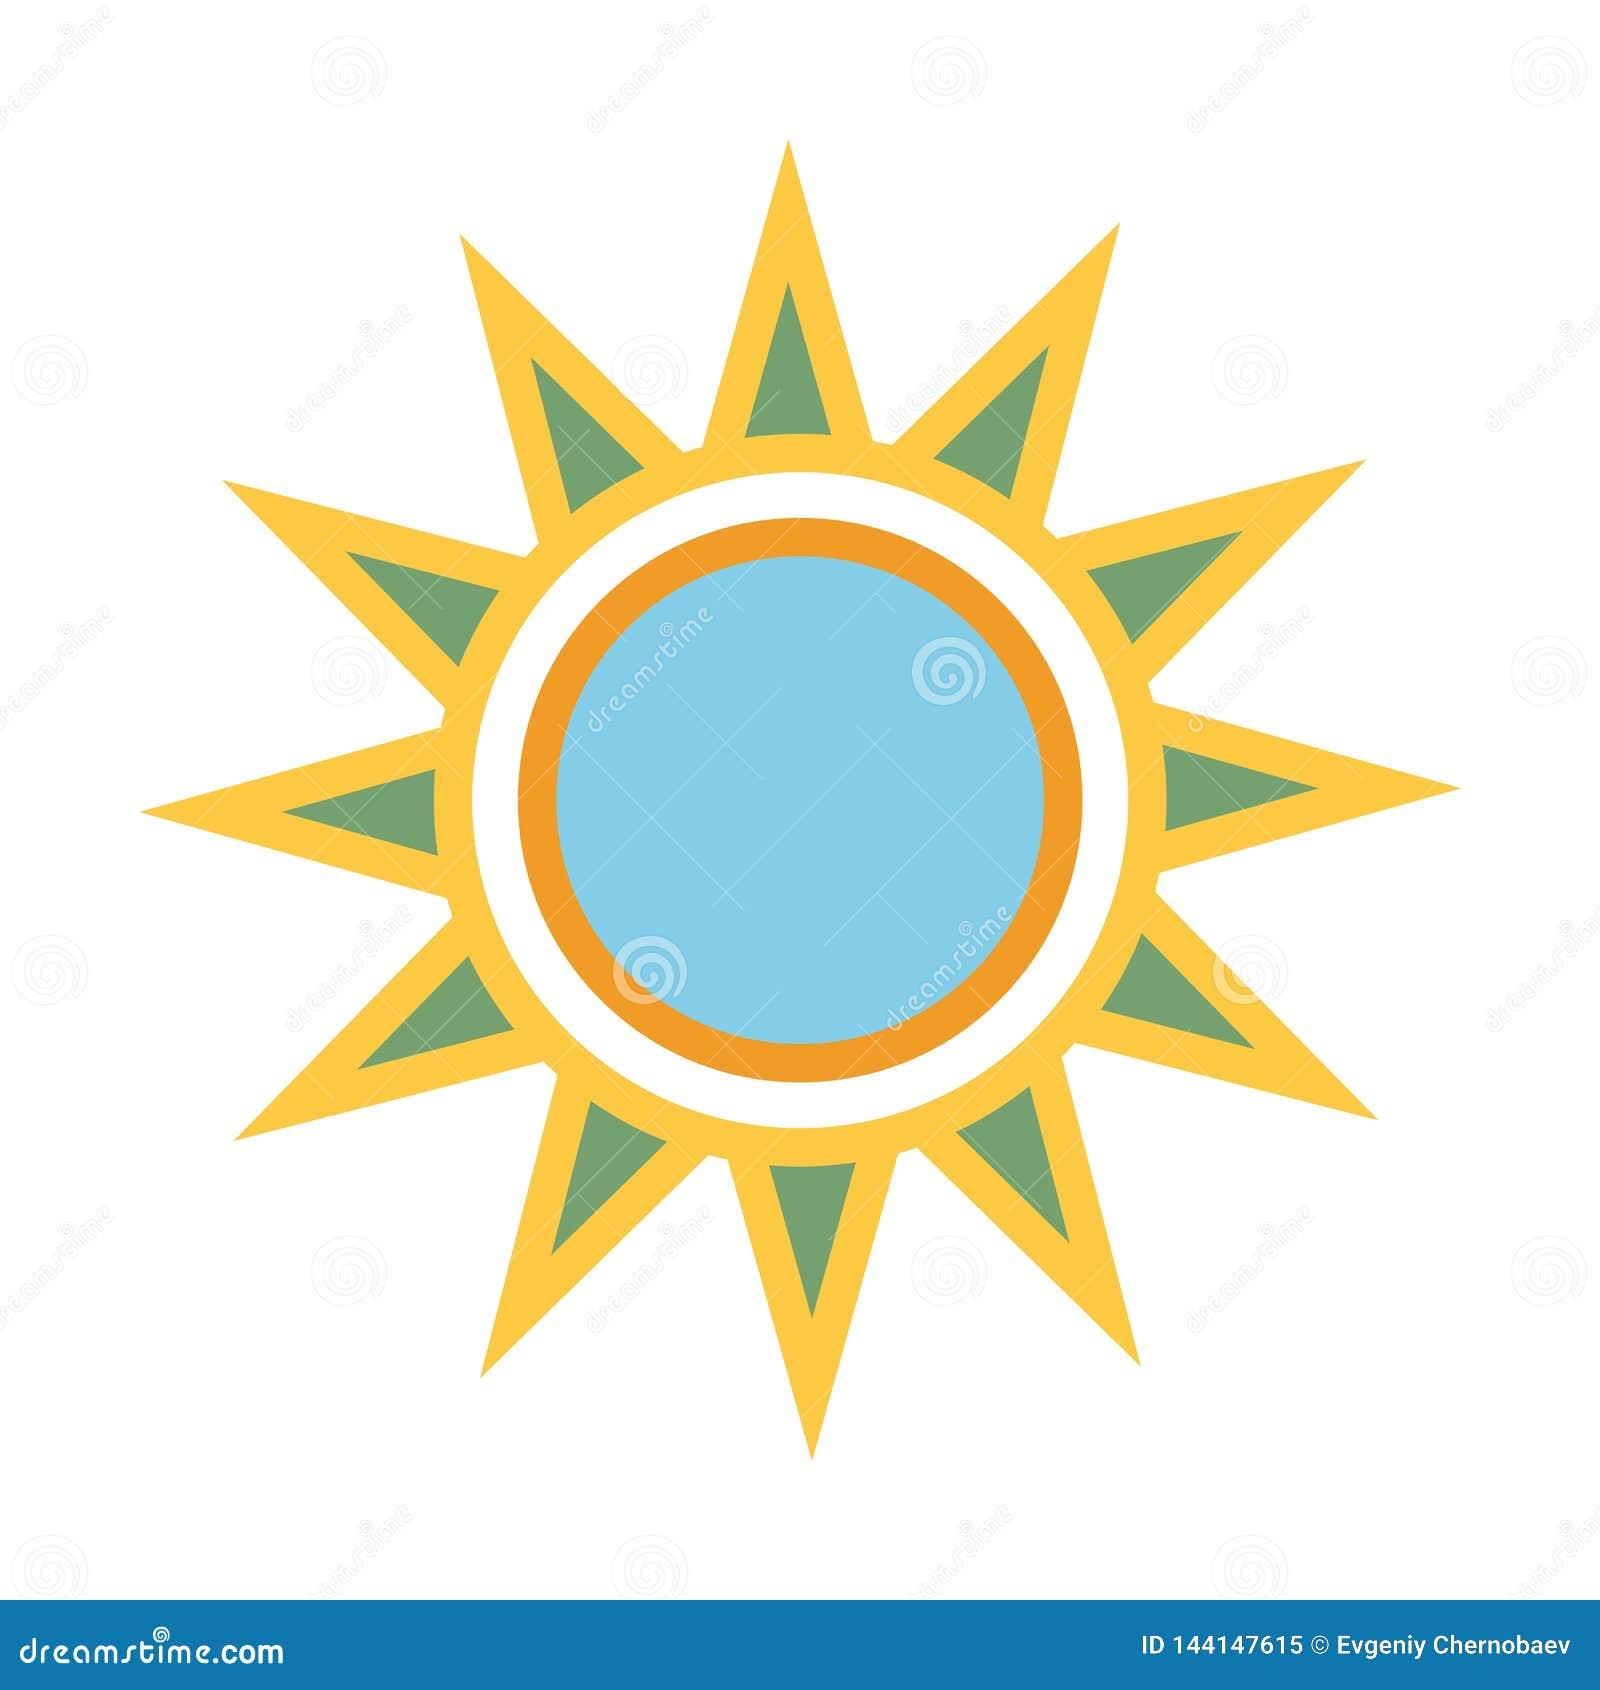 Языческий цвет Солнце с лучами Вектор eps10 значка солнца лета желтый знак солнца с голубой внутренностью круга